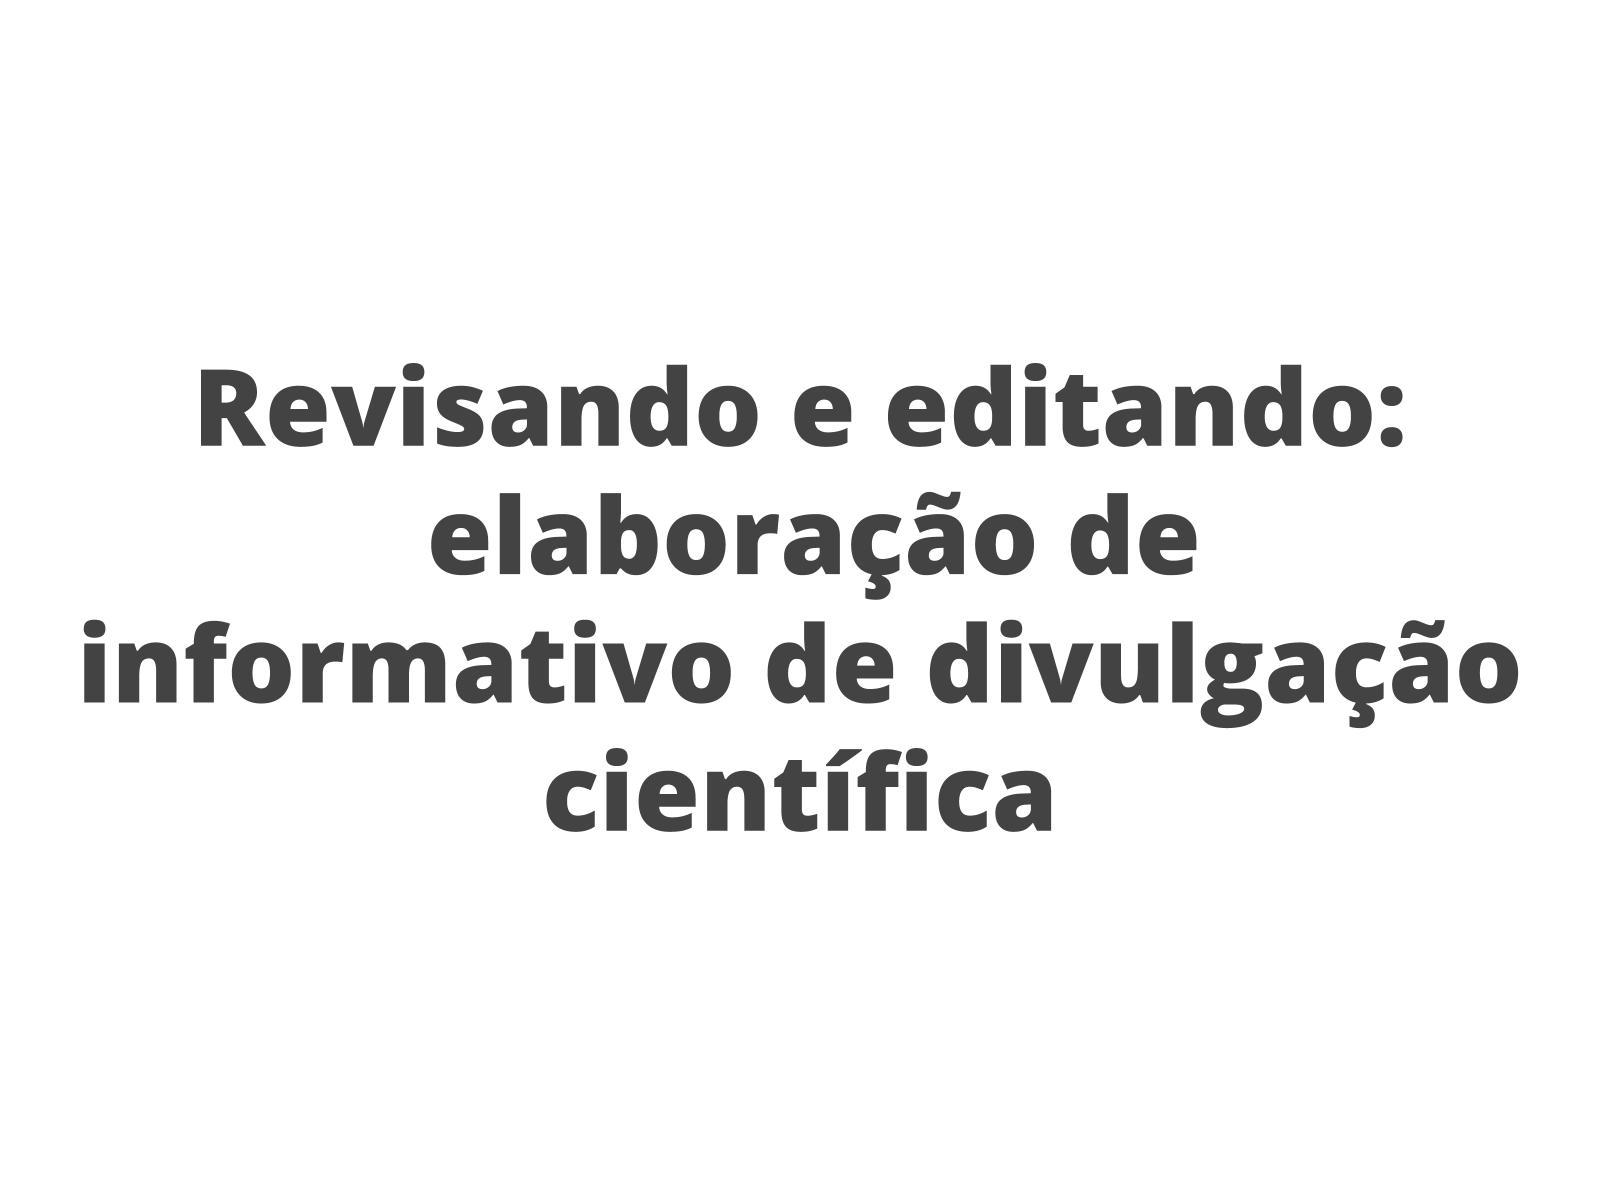 Revisando e editando textos expositivos de divulgação científica